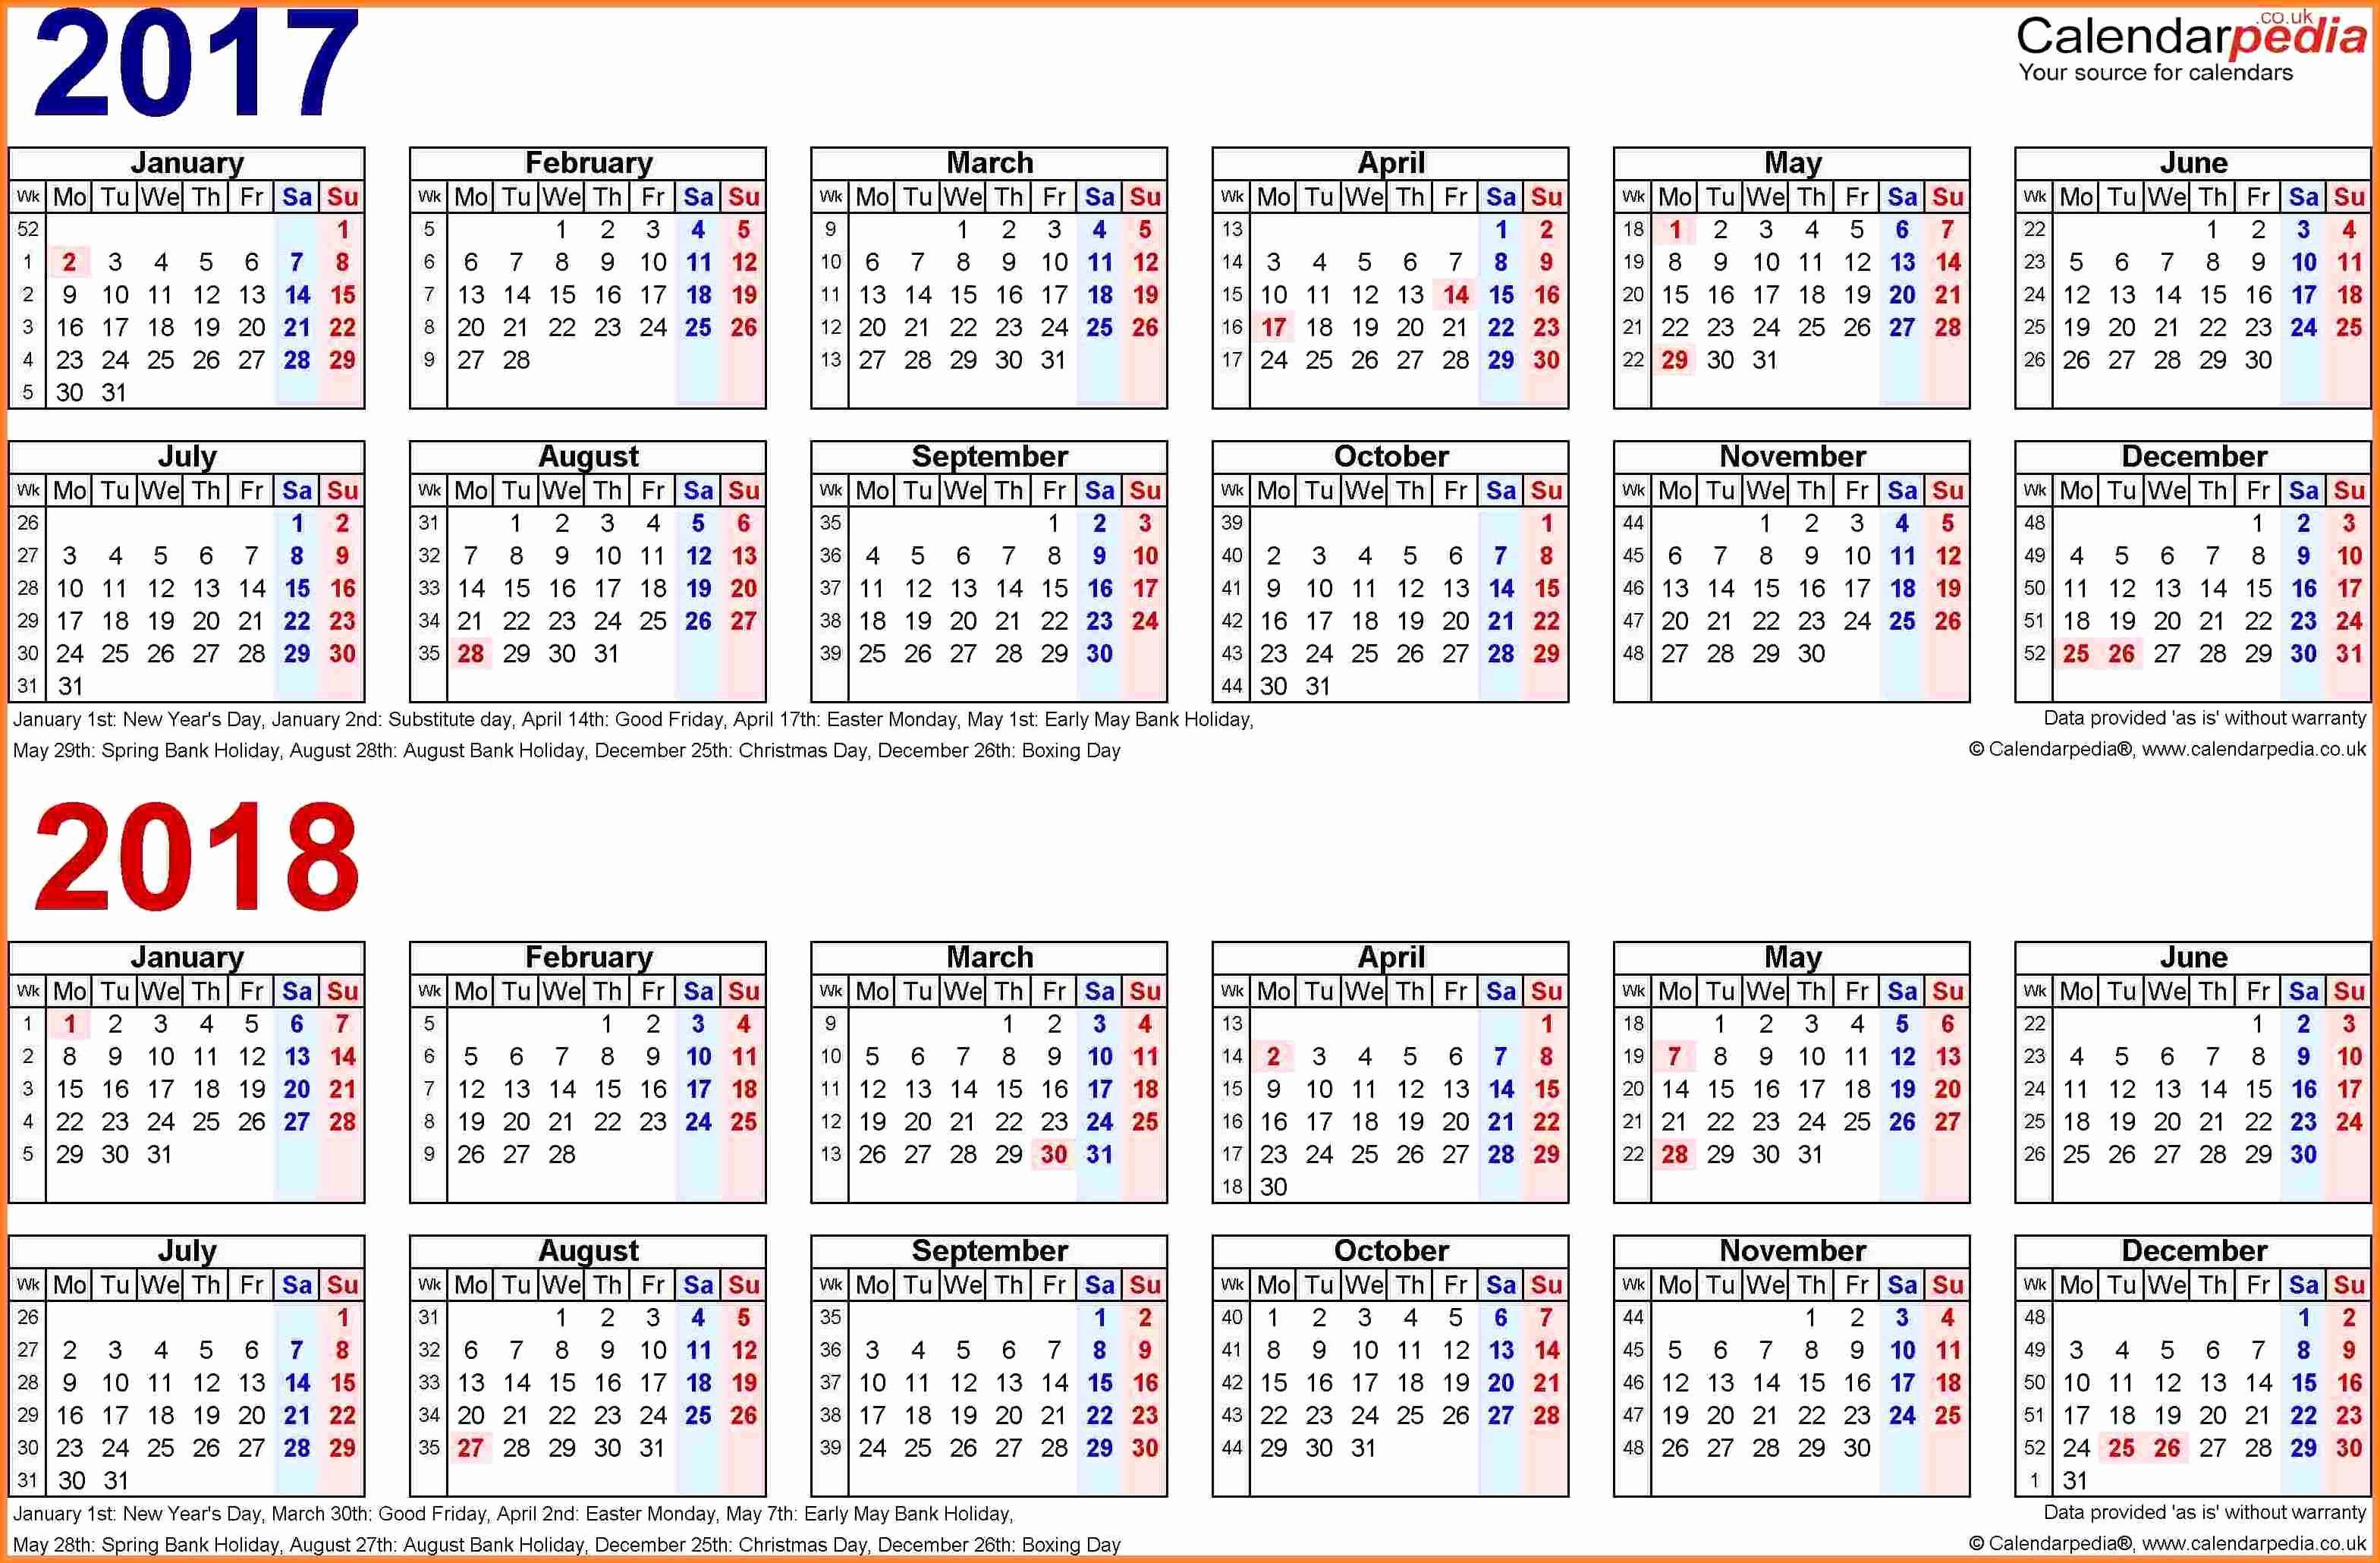 2017 Payroll Calendar Template Awesome 12 Payroll Calendar Template 2017